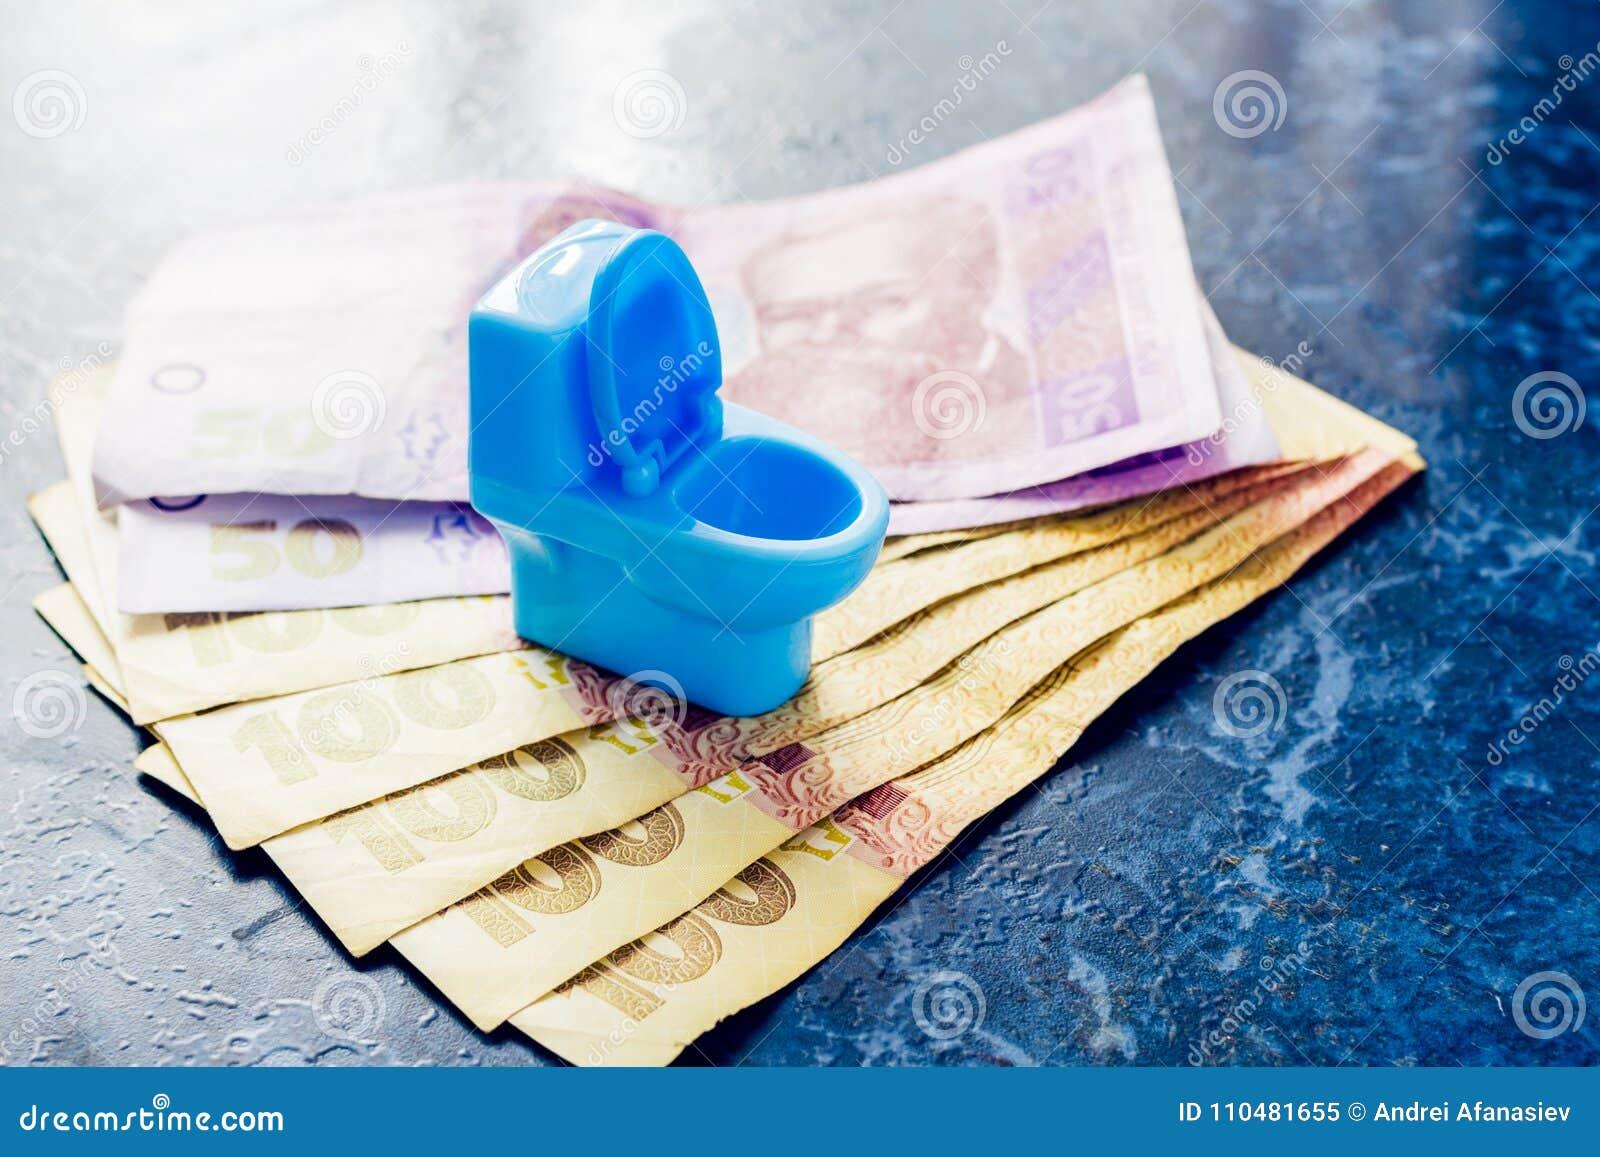 Ένα μπλε κύπελλο τουαλετών παιχνιδιών στέκεται στα χρήματα των ουκρανικών hryvnas